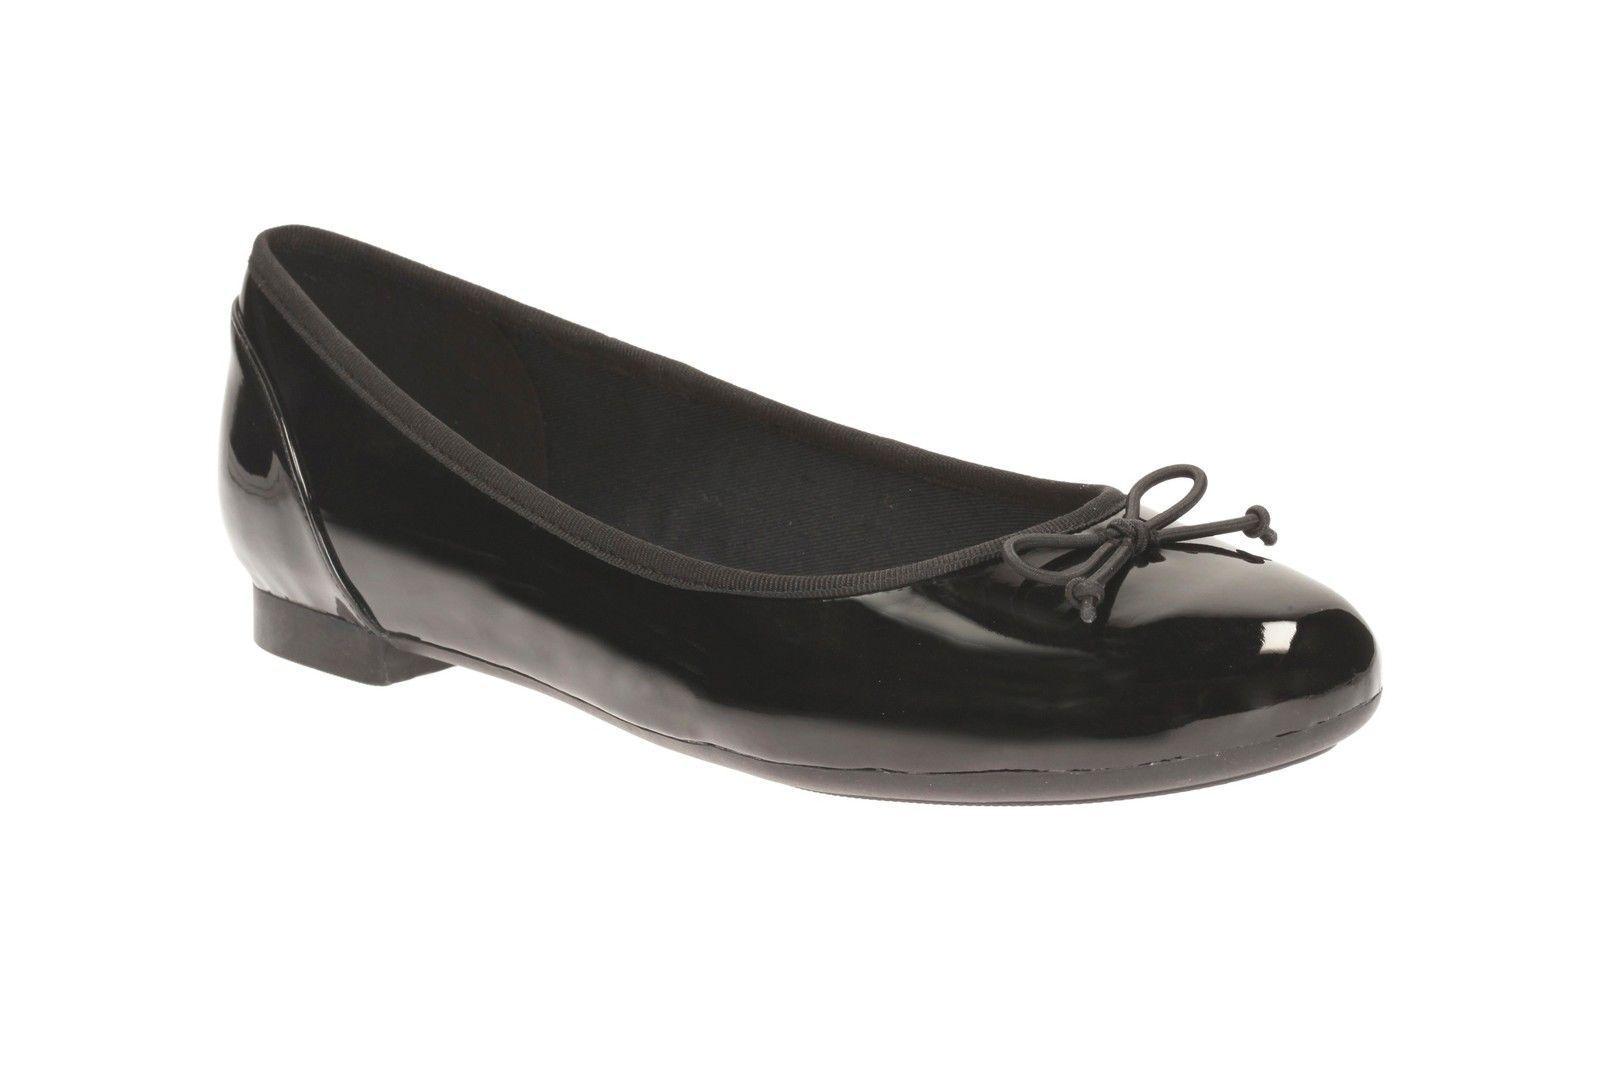 Clarks 'Couture Floraison' Femmes Noir Brevet Décontracté Ballerine Chaussures.